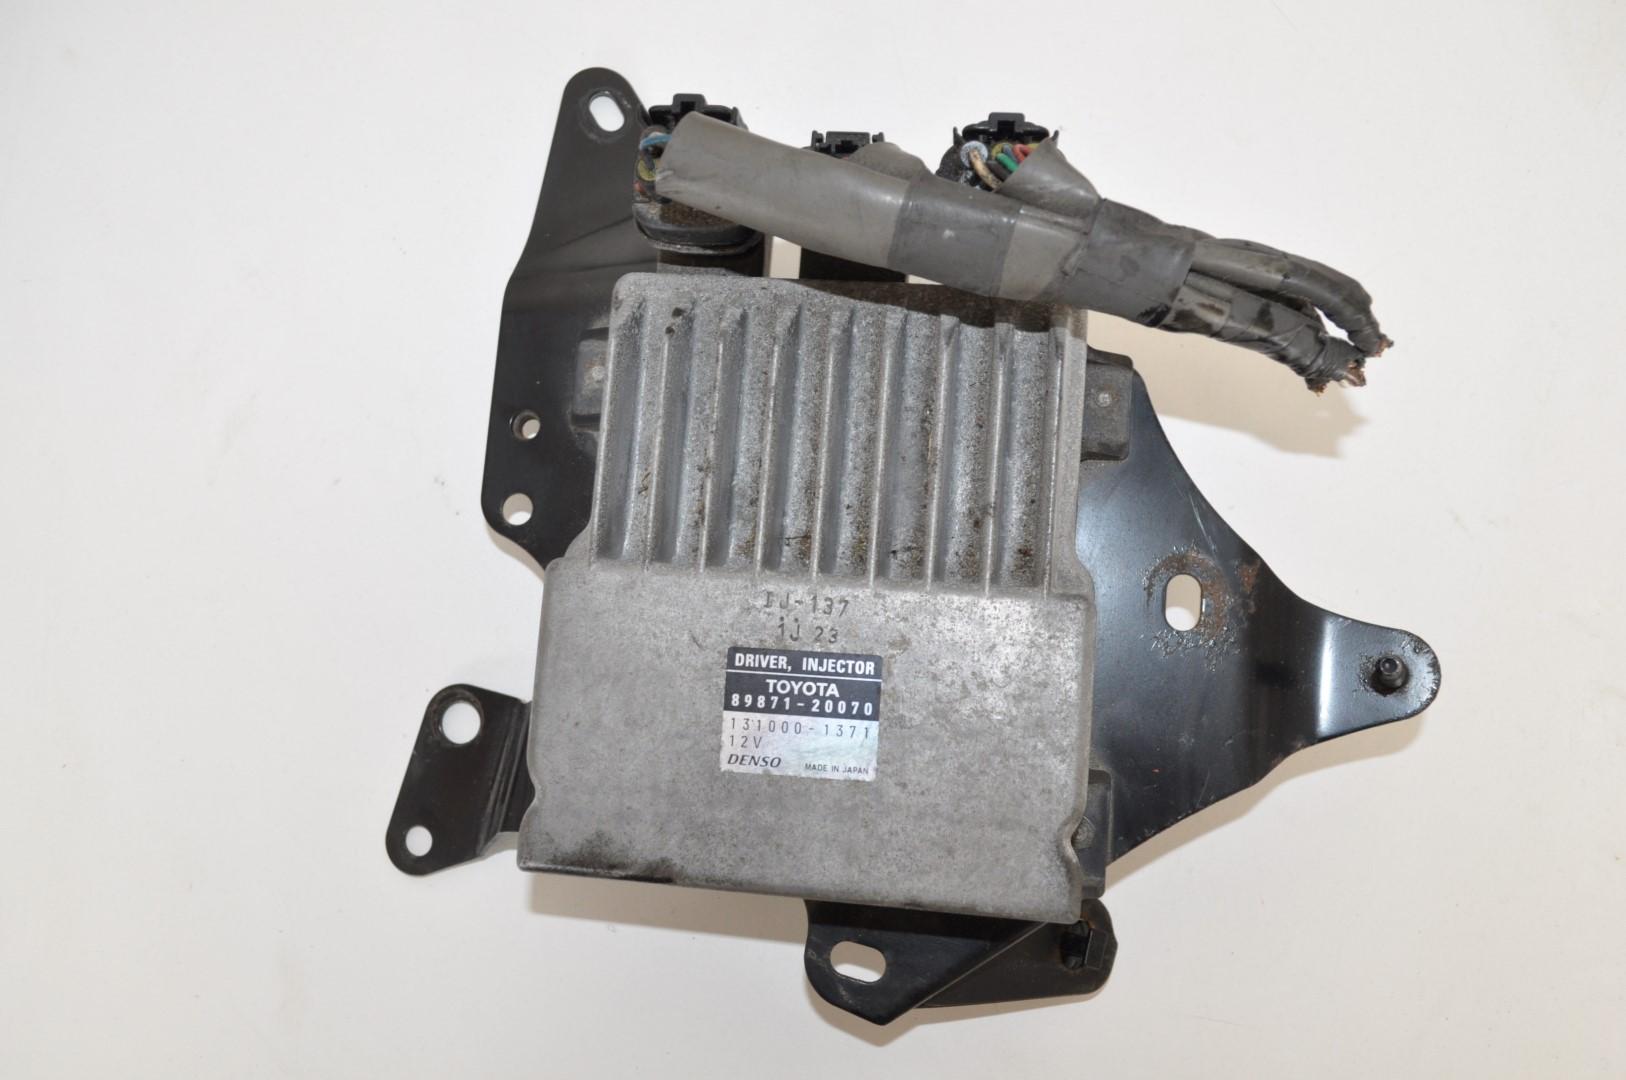 LEXUS IS 220D DRIVER INJECTOR ECU 89871-20070 2005-2010